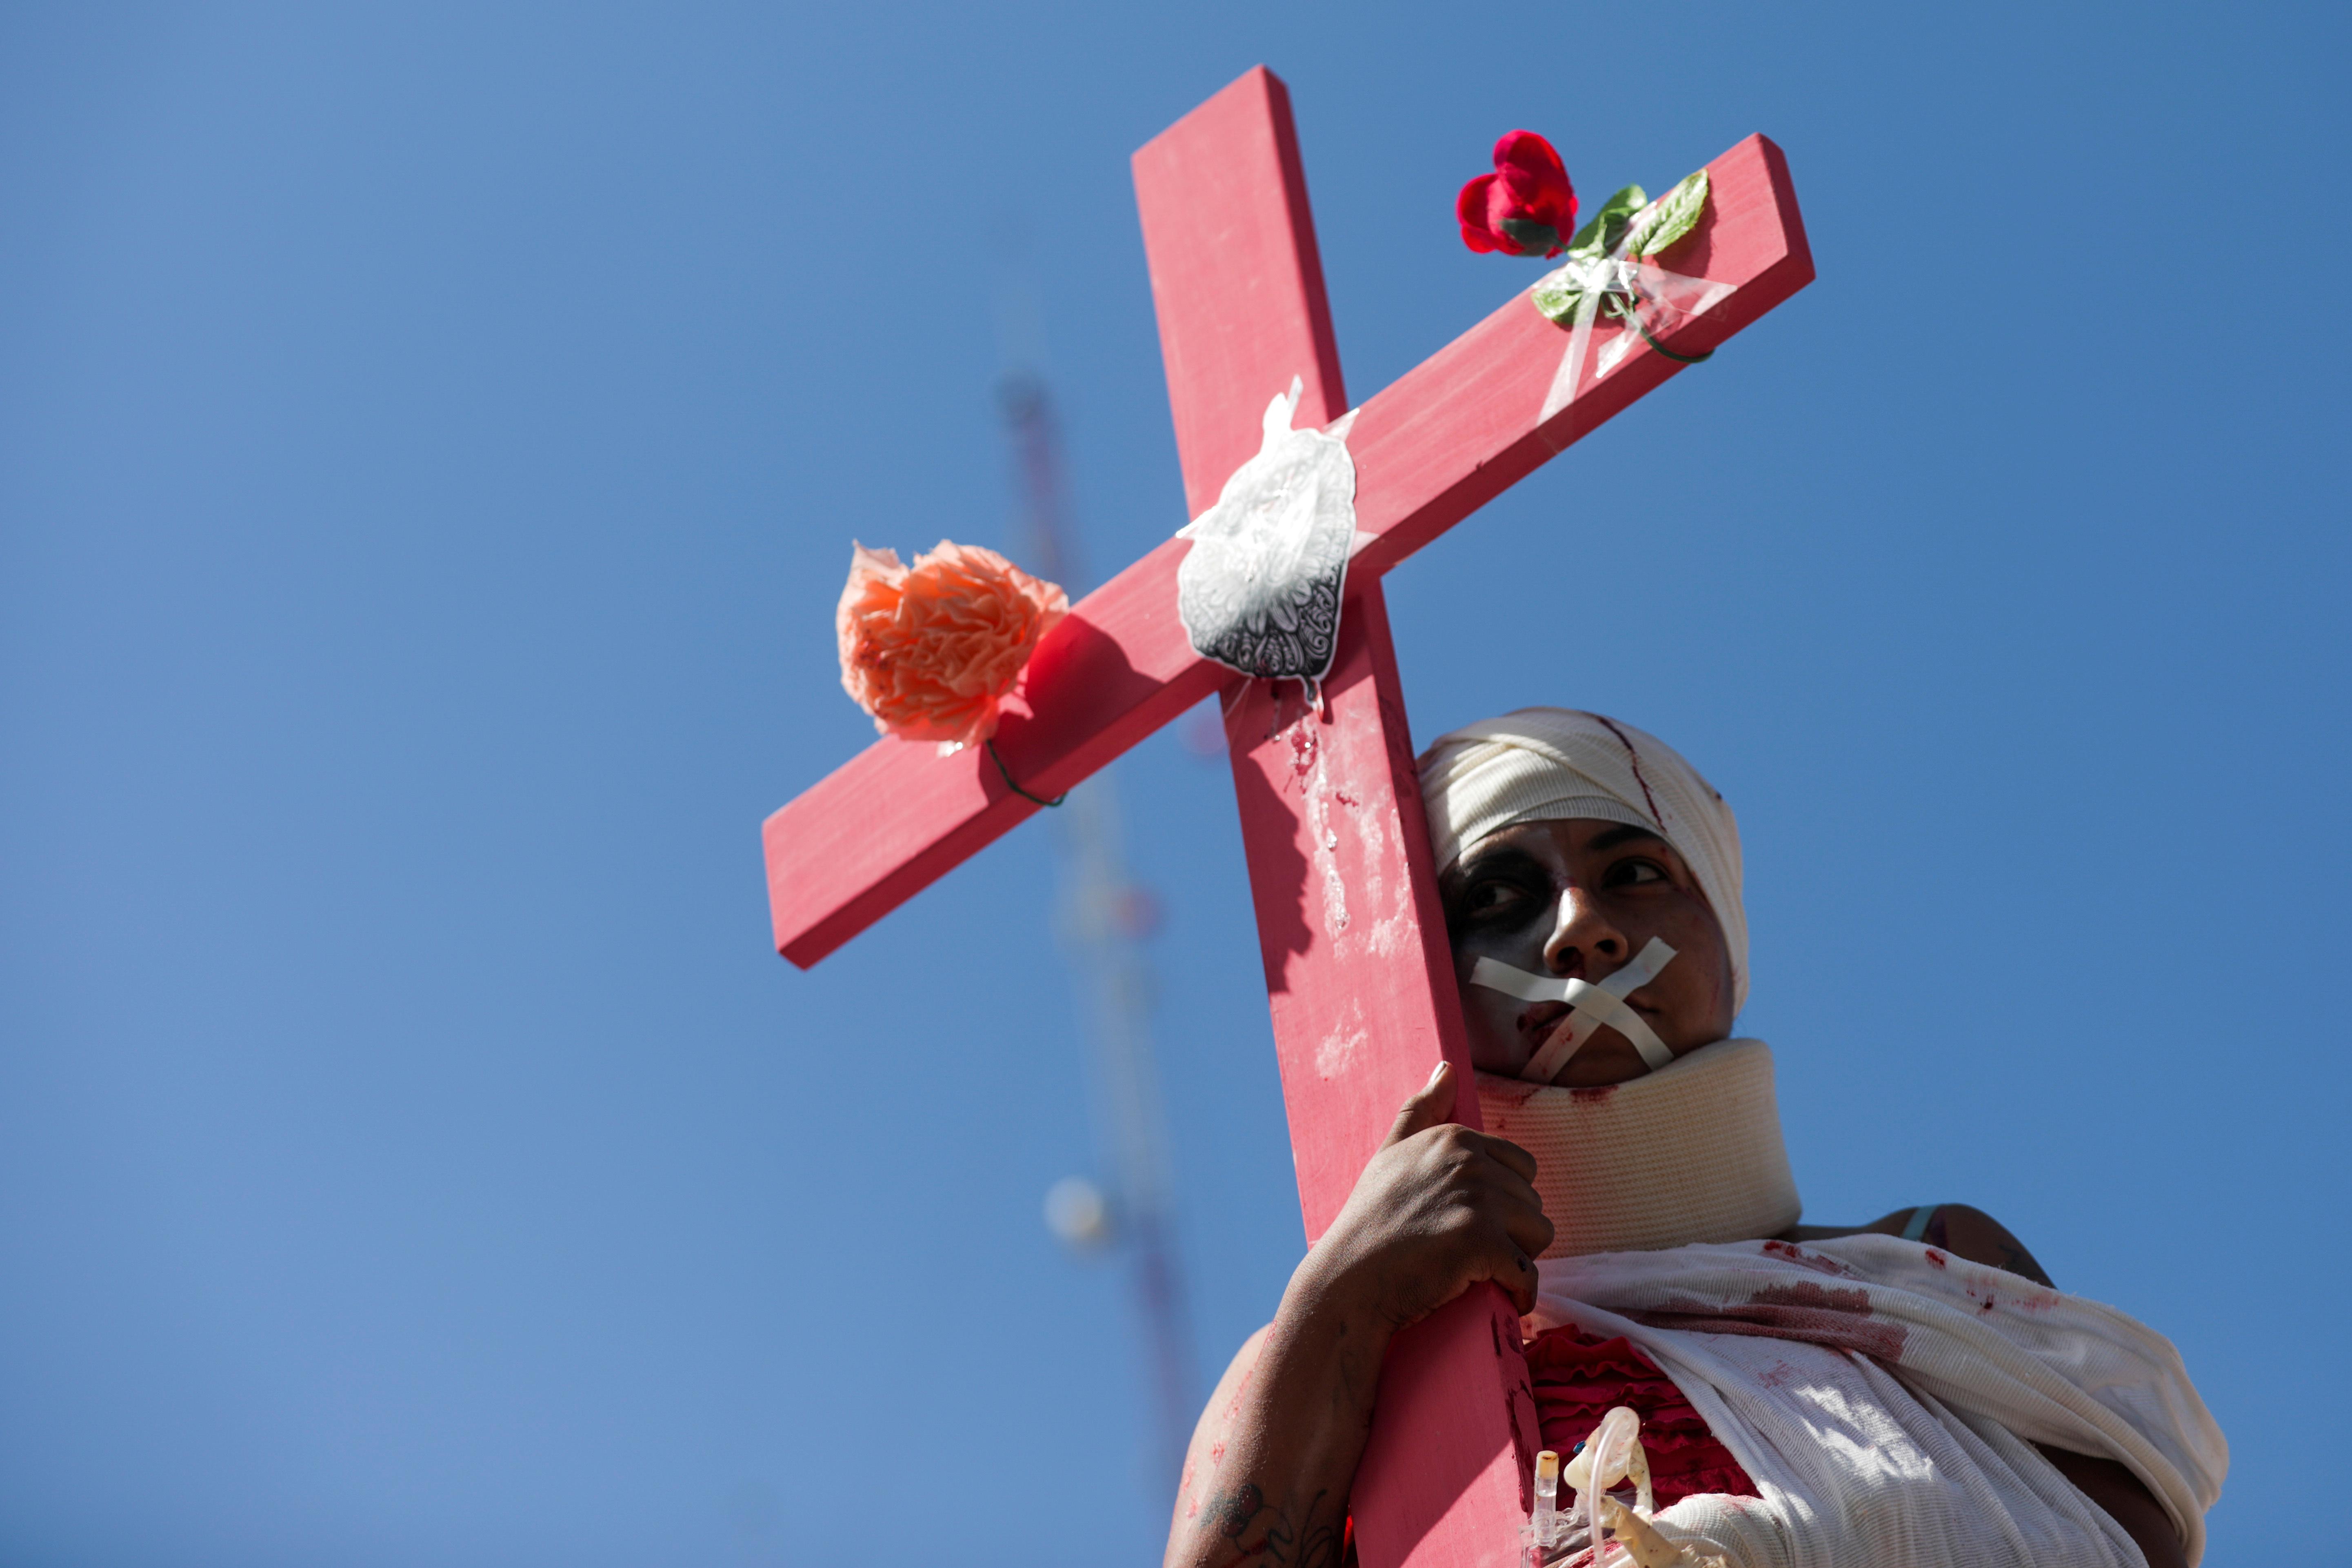 Una mujer presenta una actuación para conmemorar el Día Internacional de la Mujer y exigir justicia para las víctimas de violencia de género y feminicidios, en Ecatepec, en las afueras de la Ciudad de México (REUTERS / Luisa Gonzalez)